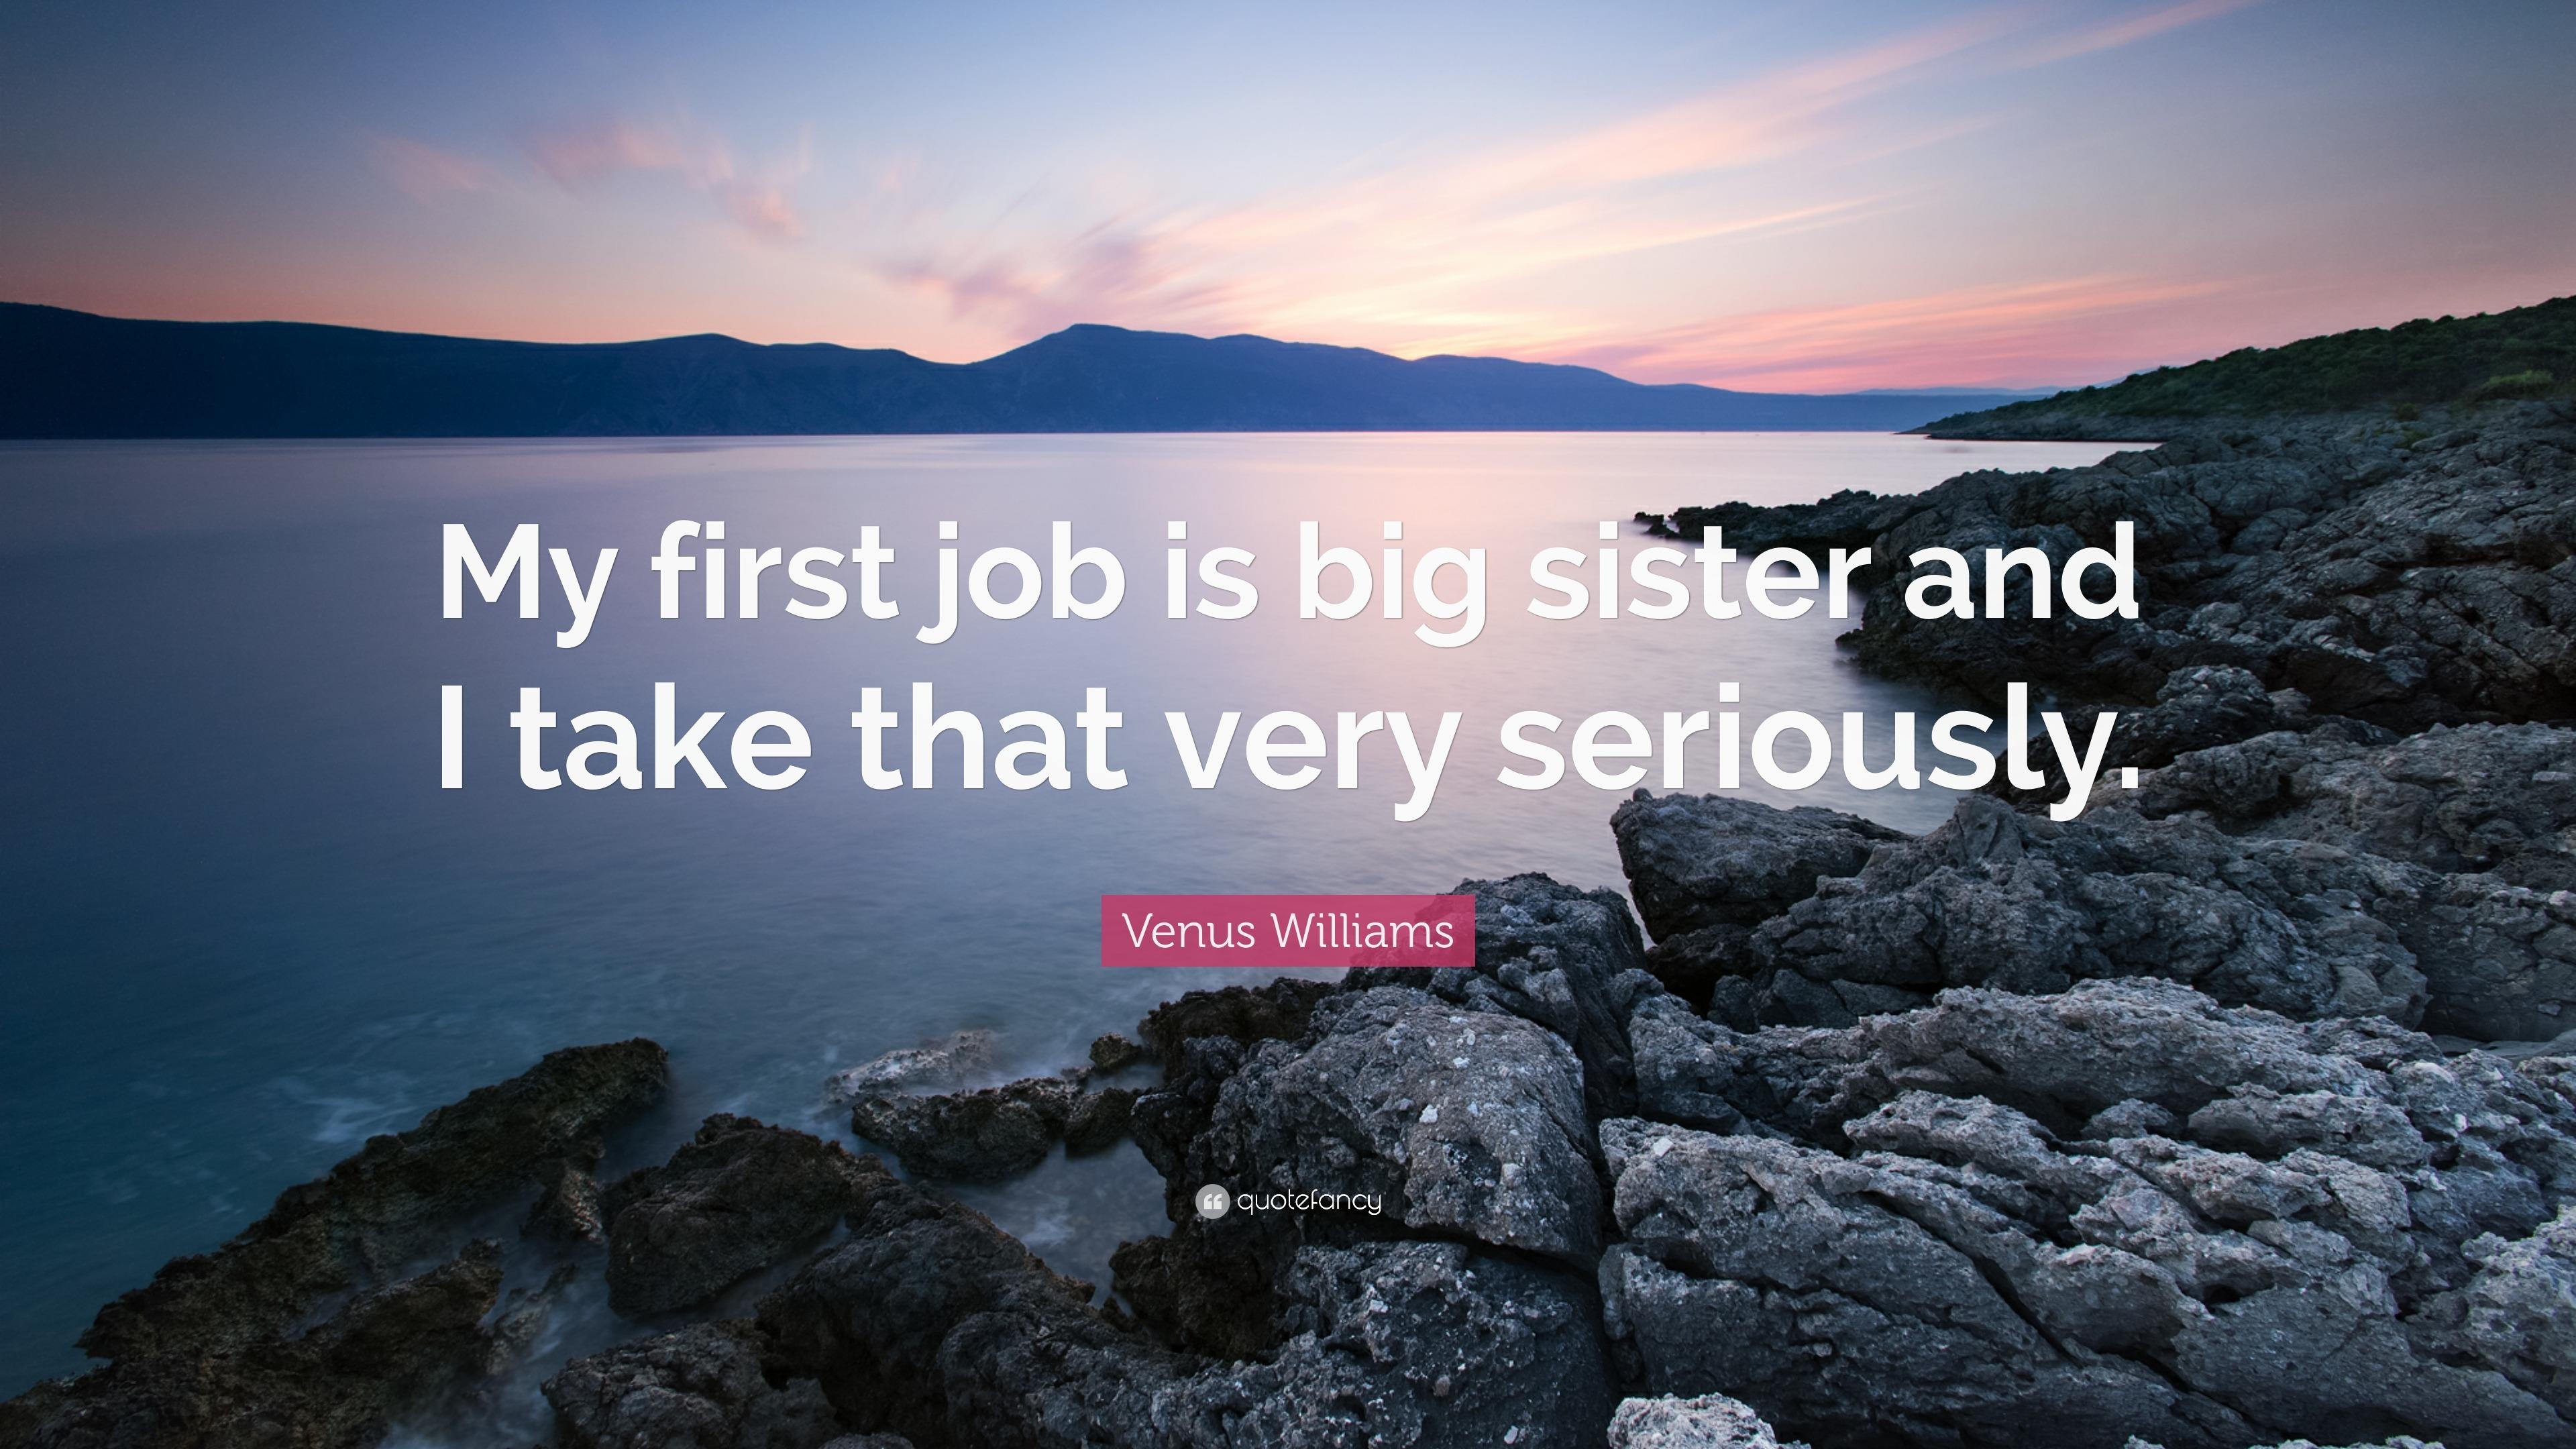 Venus Williams Quote u201cMy first job is